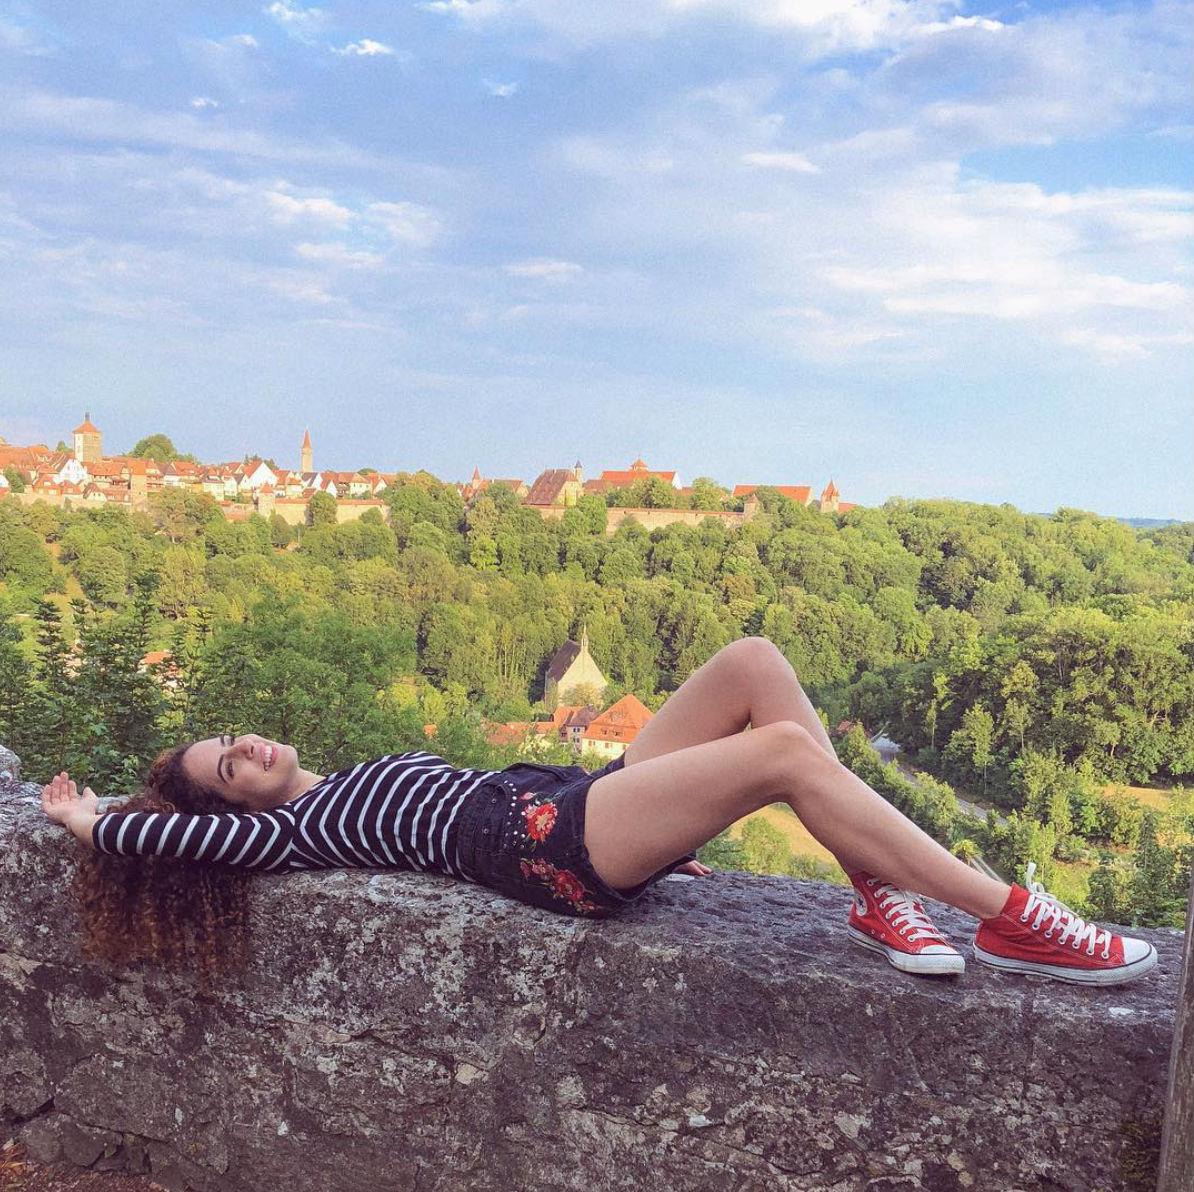 Paula Stephânia sapato9 - Os sapatos que não saem do meu pé